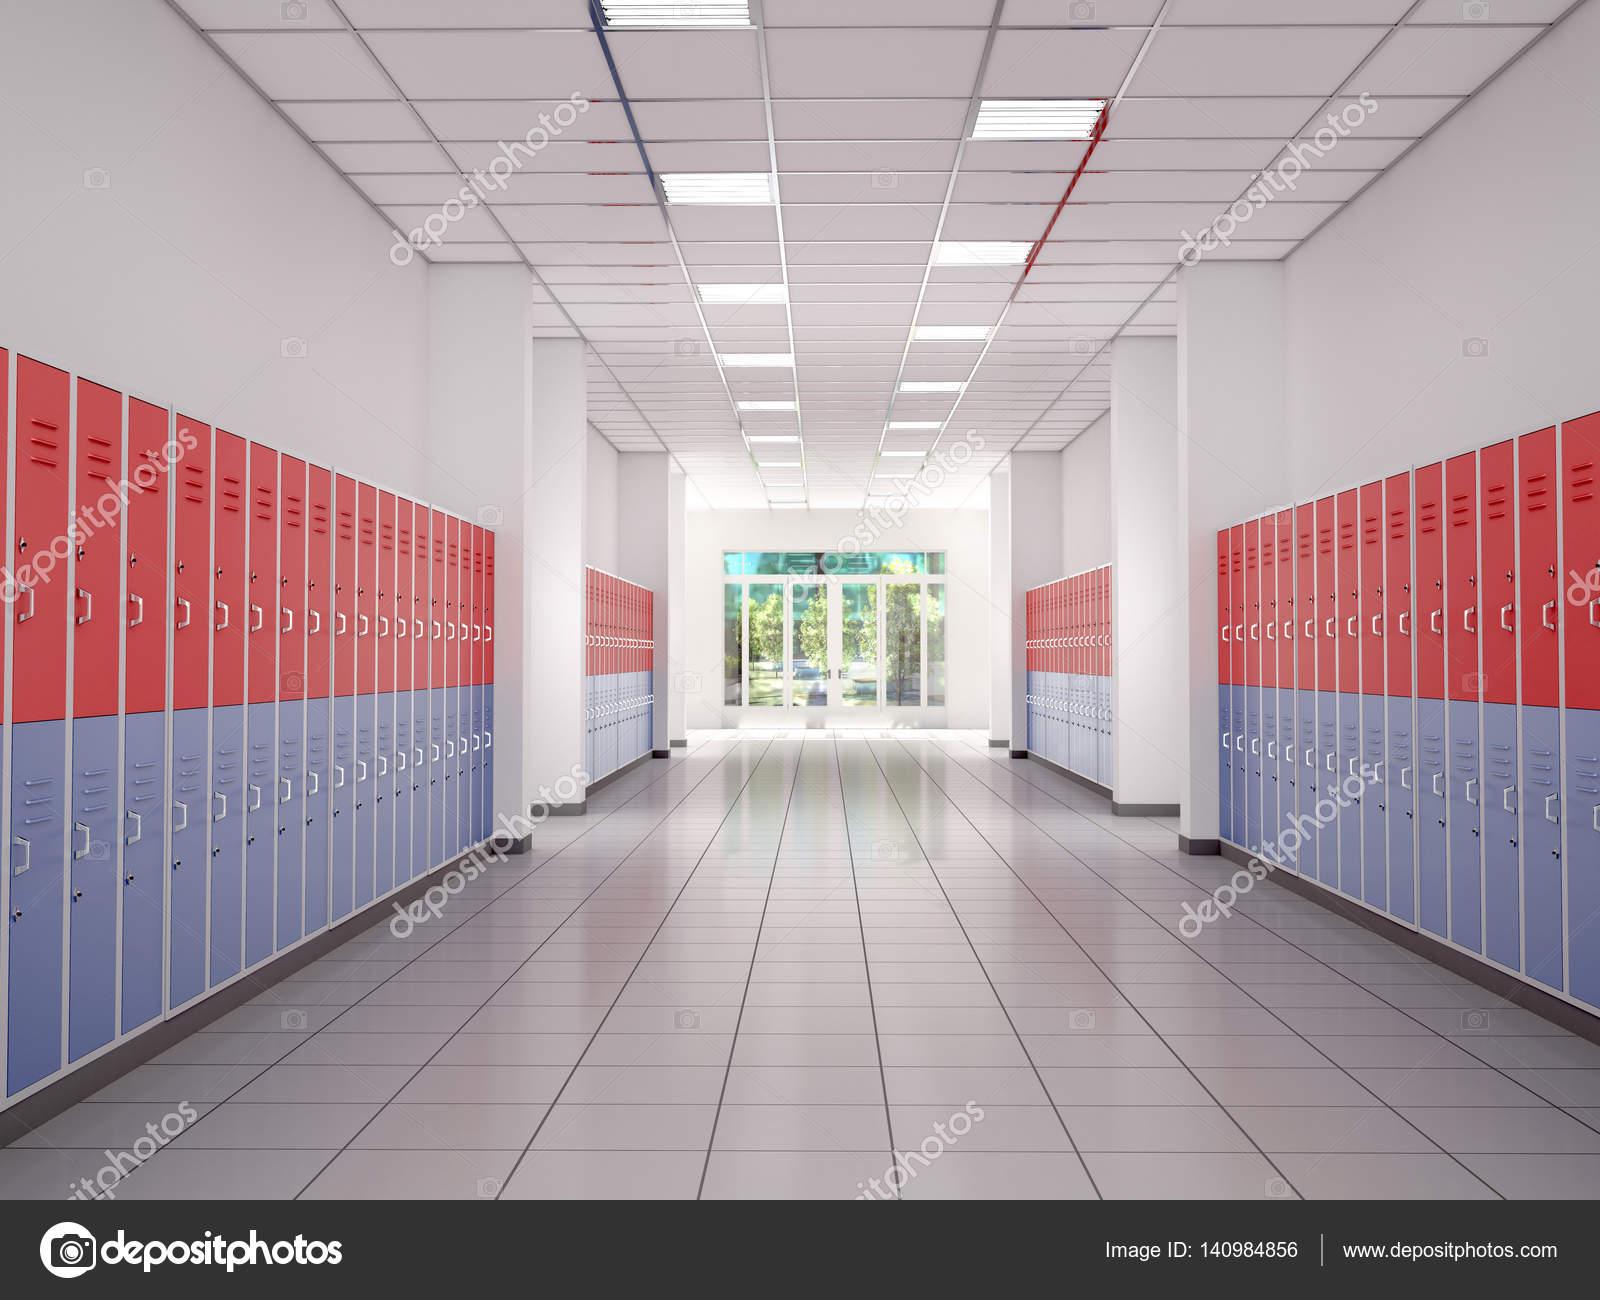 Lockers in de gang van de middelbare school 3d illustratie stockfoto urfingus 140984856 - Saint maclou tapijt van gang ...